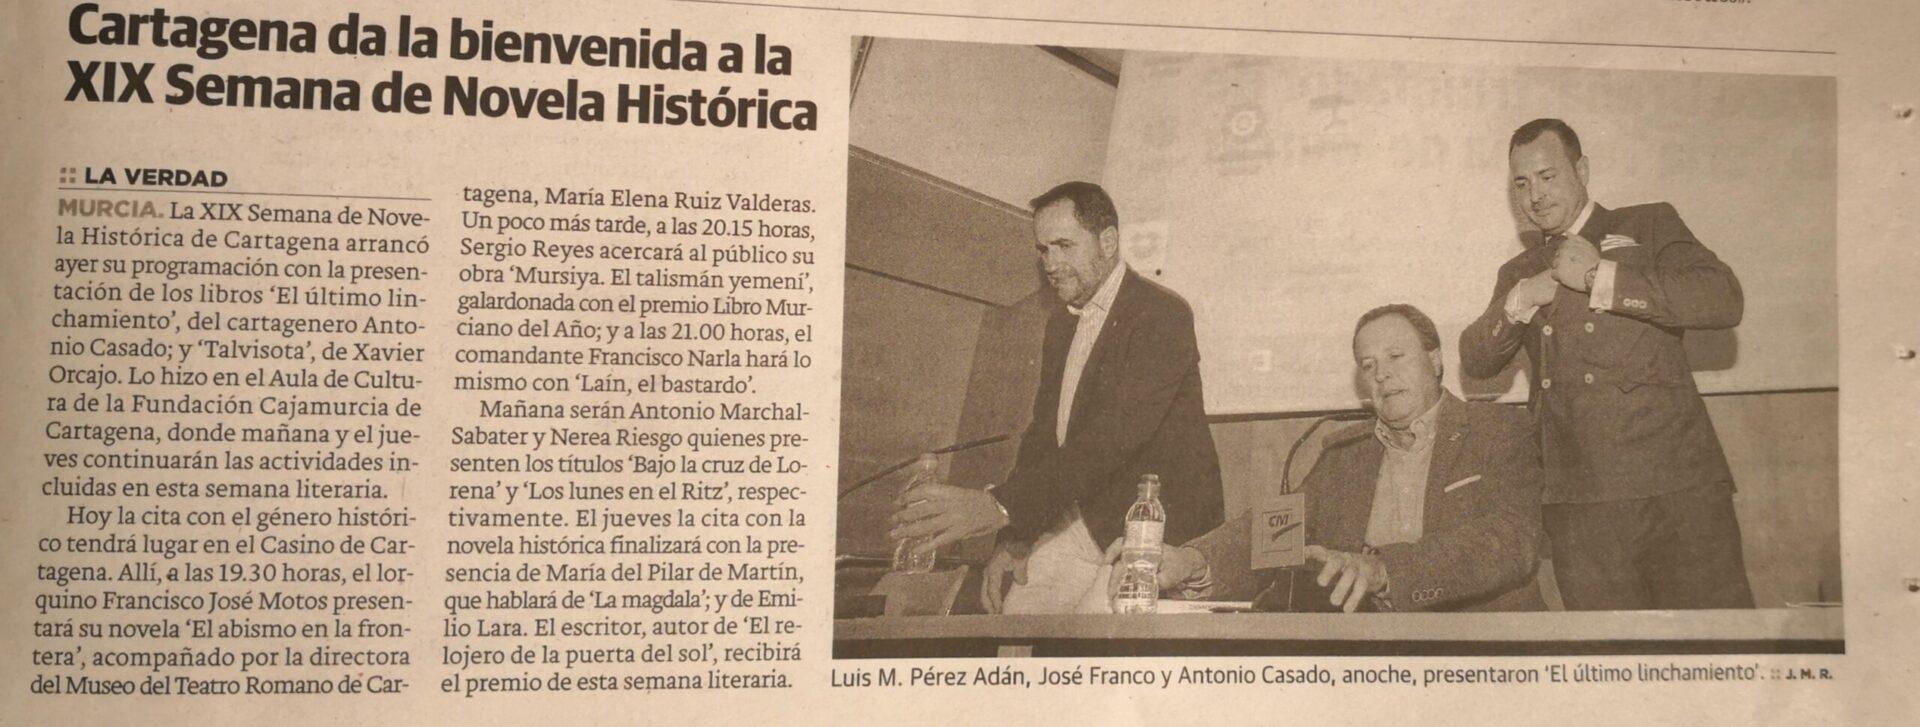 Dossier de prensa 2018 Sergio Reyes Puerta, noticia sobre la semana de novela histórica de Cartagena